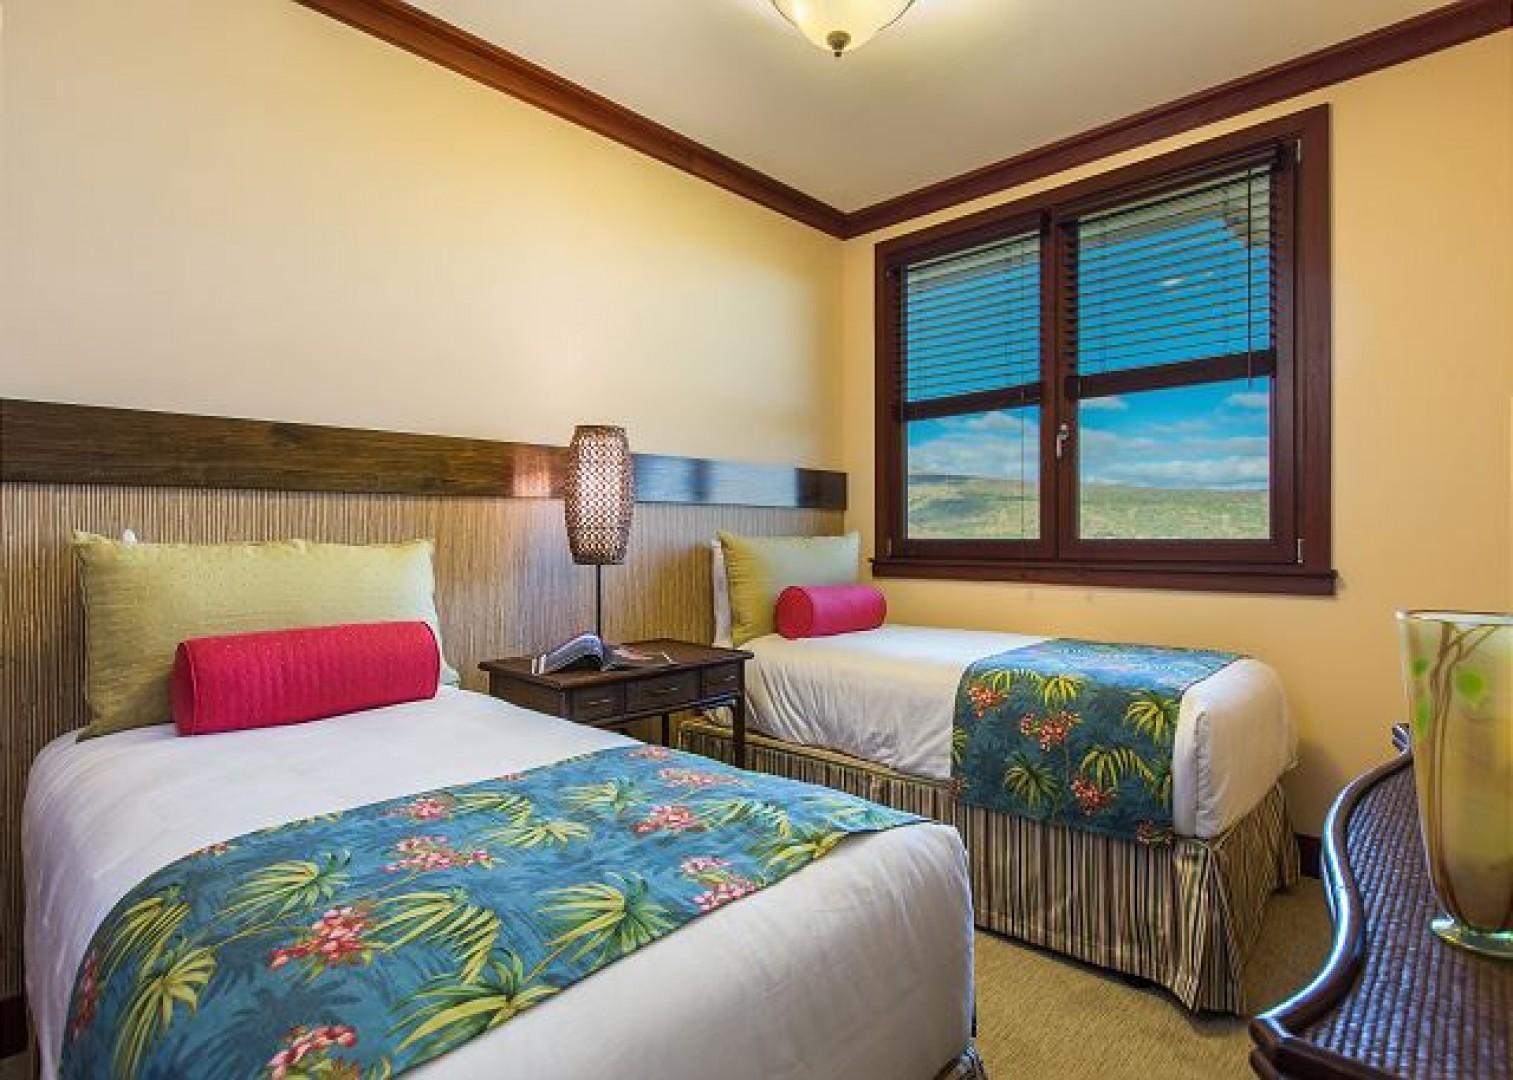 3rd Bedroom has 2 twin beds